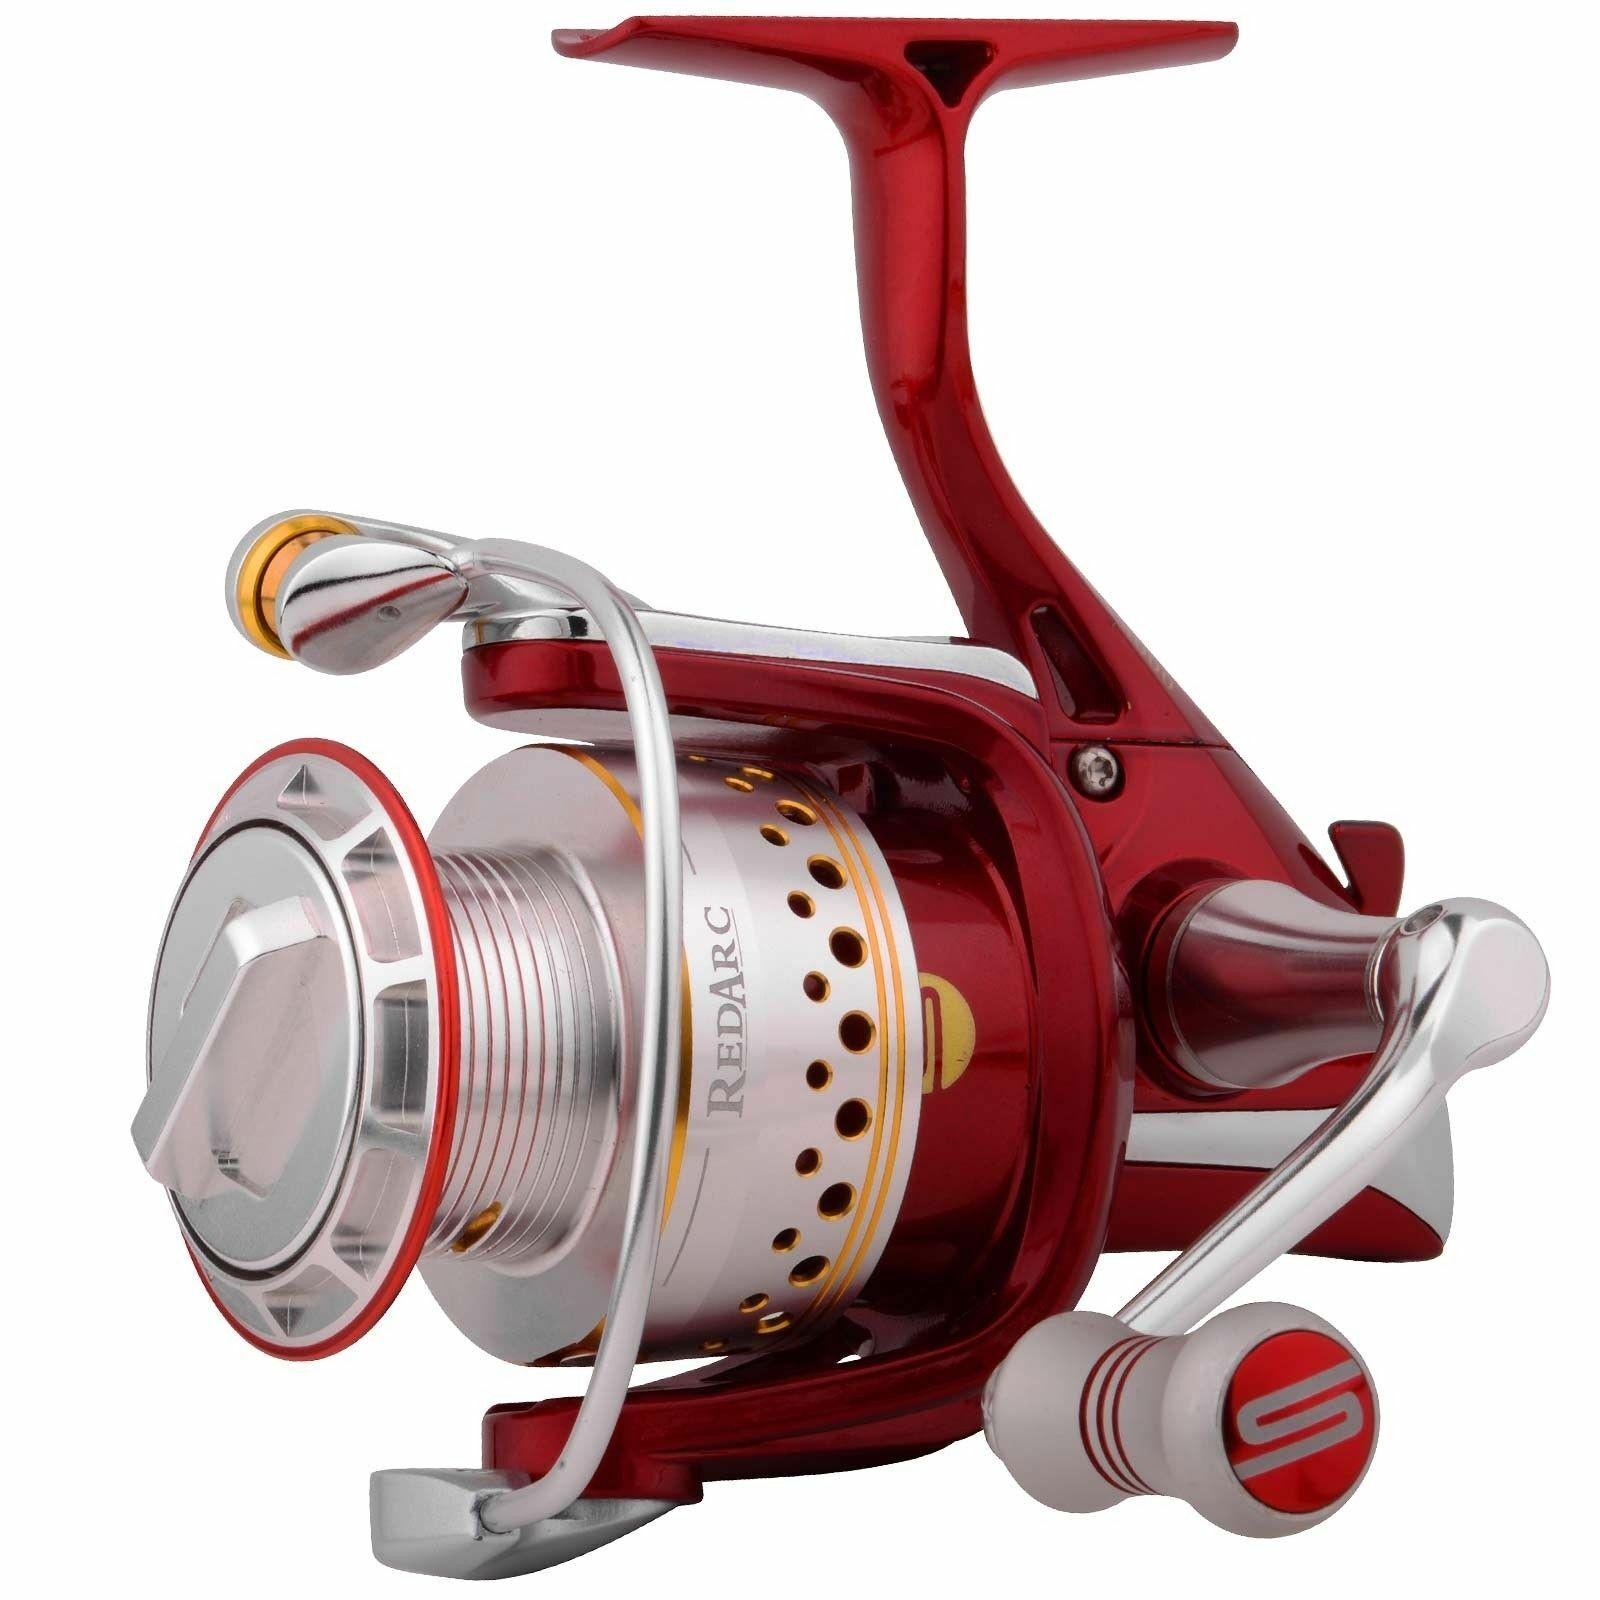 Spro rojo ARC modelo 2019 tuffbody w s spinnrolle cuatro tamaños de 1000-2000-3000-4000